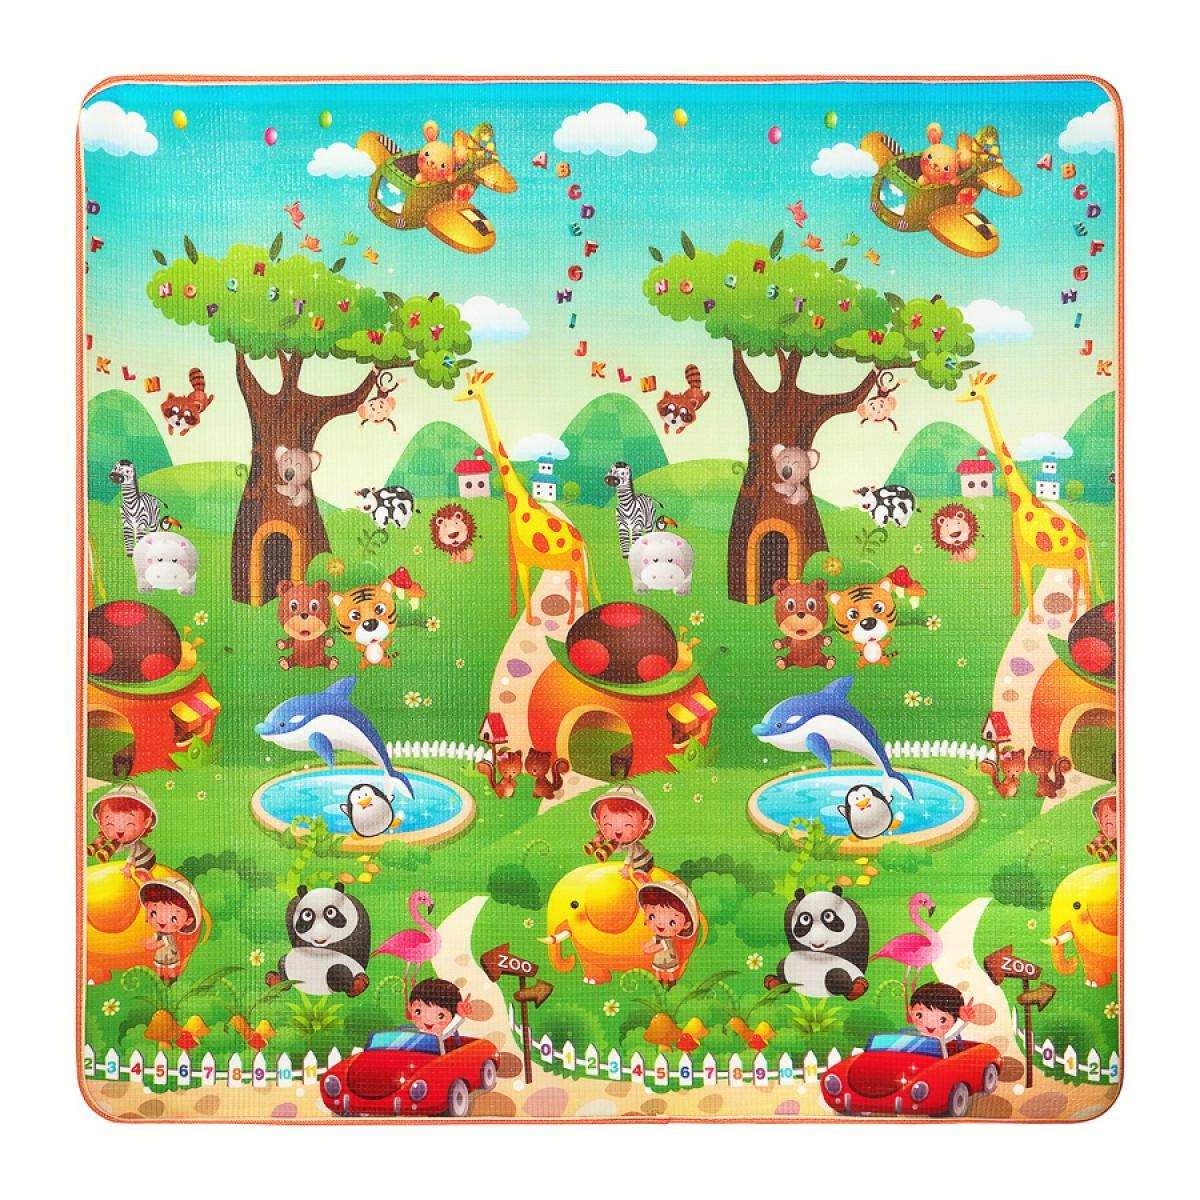 Розвиваючий дитячий килимок промокає двосторонній 4FIZJO KIDS 180 x 180 x 1 см